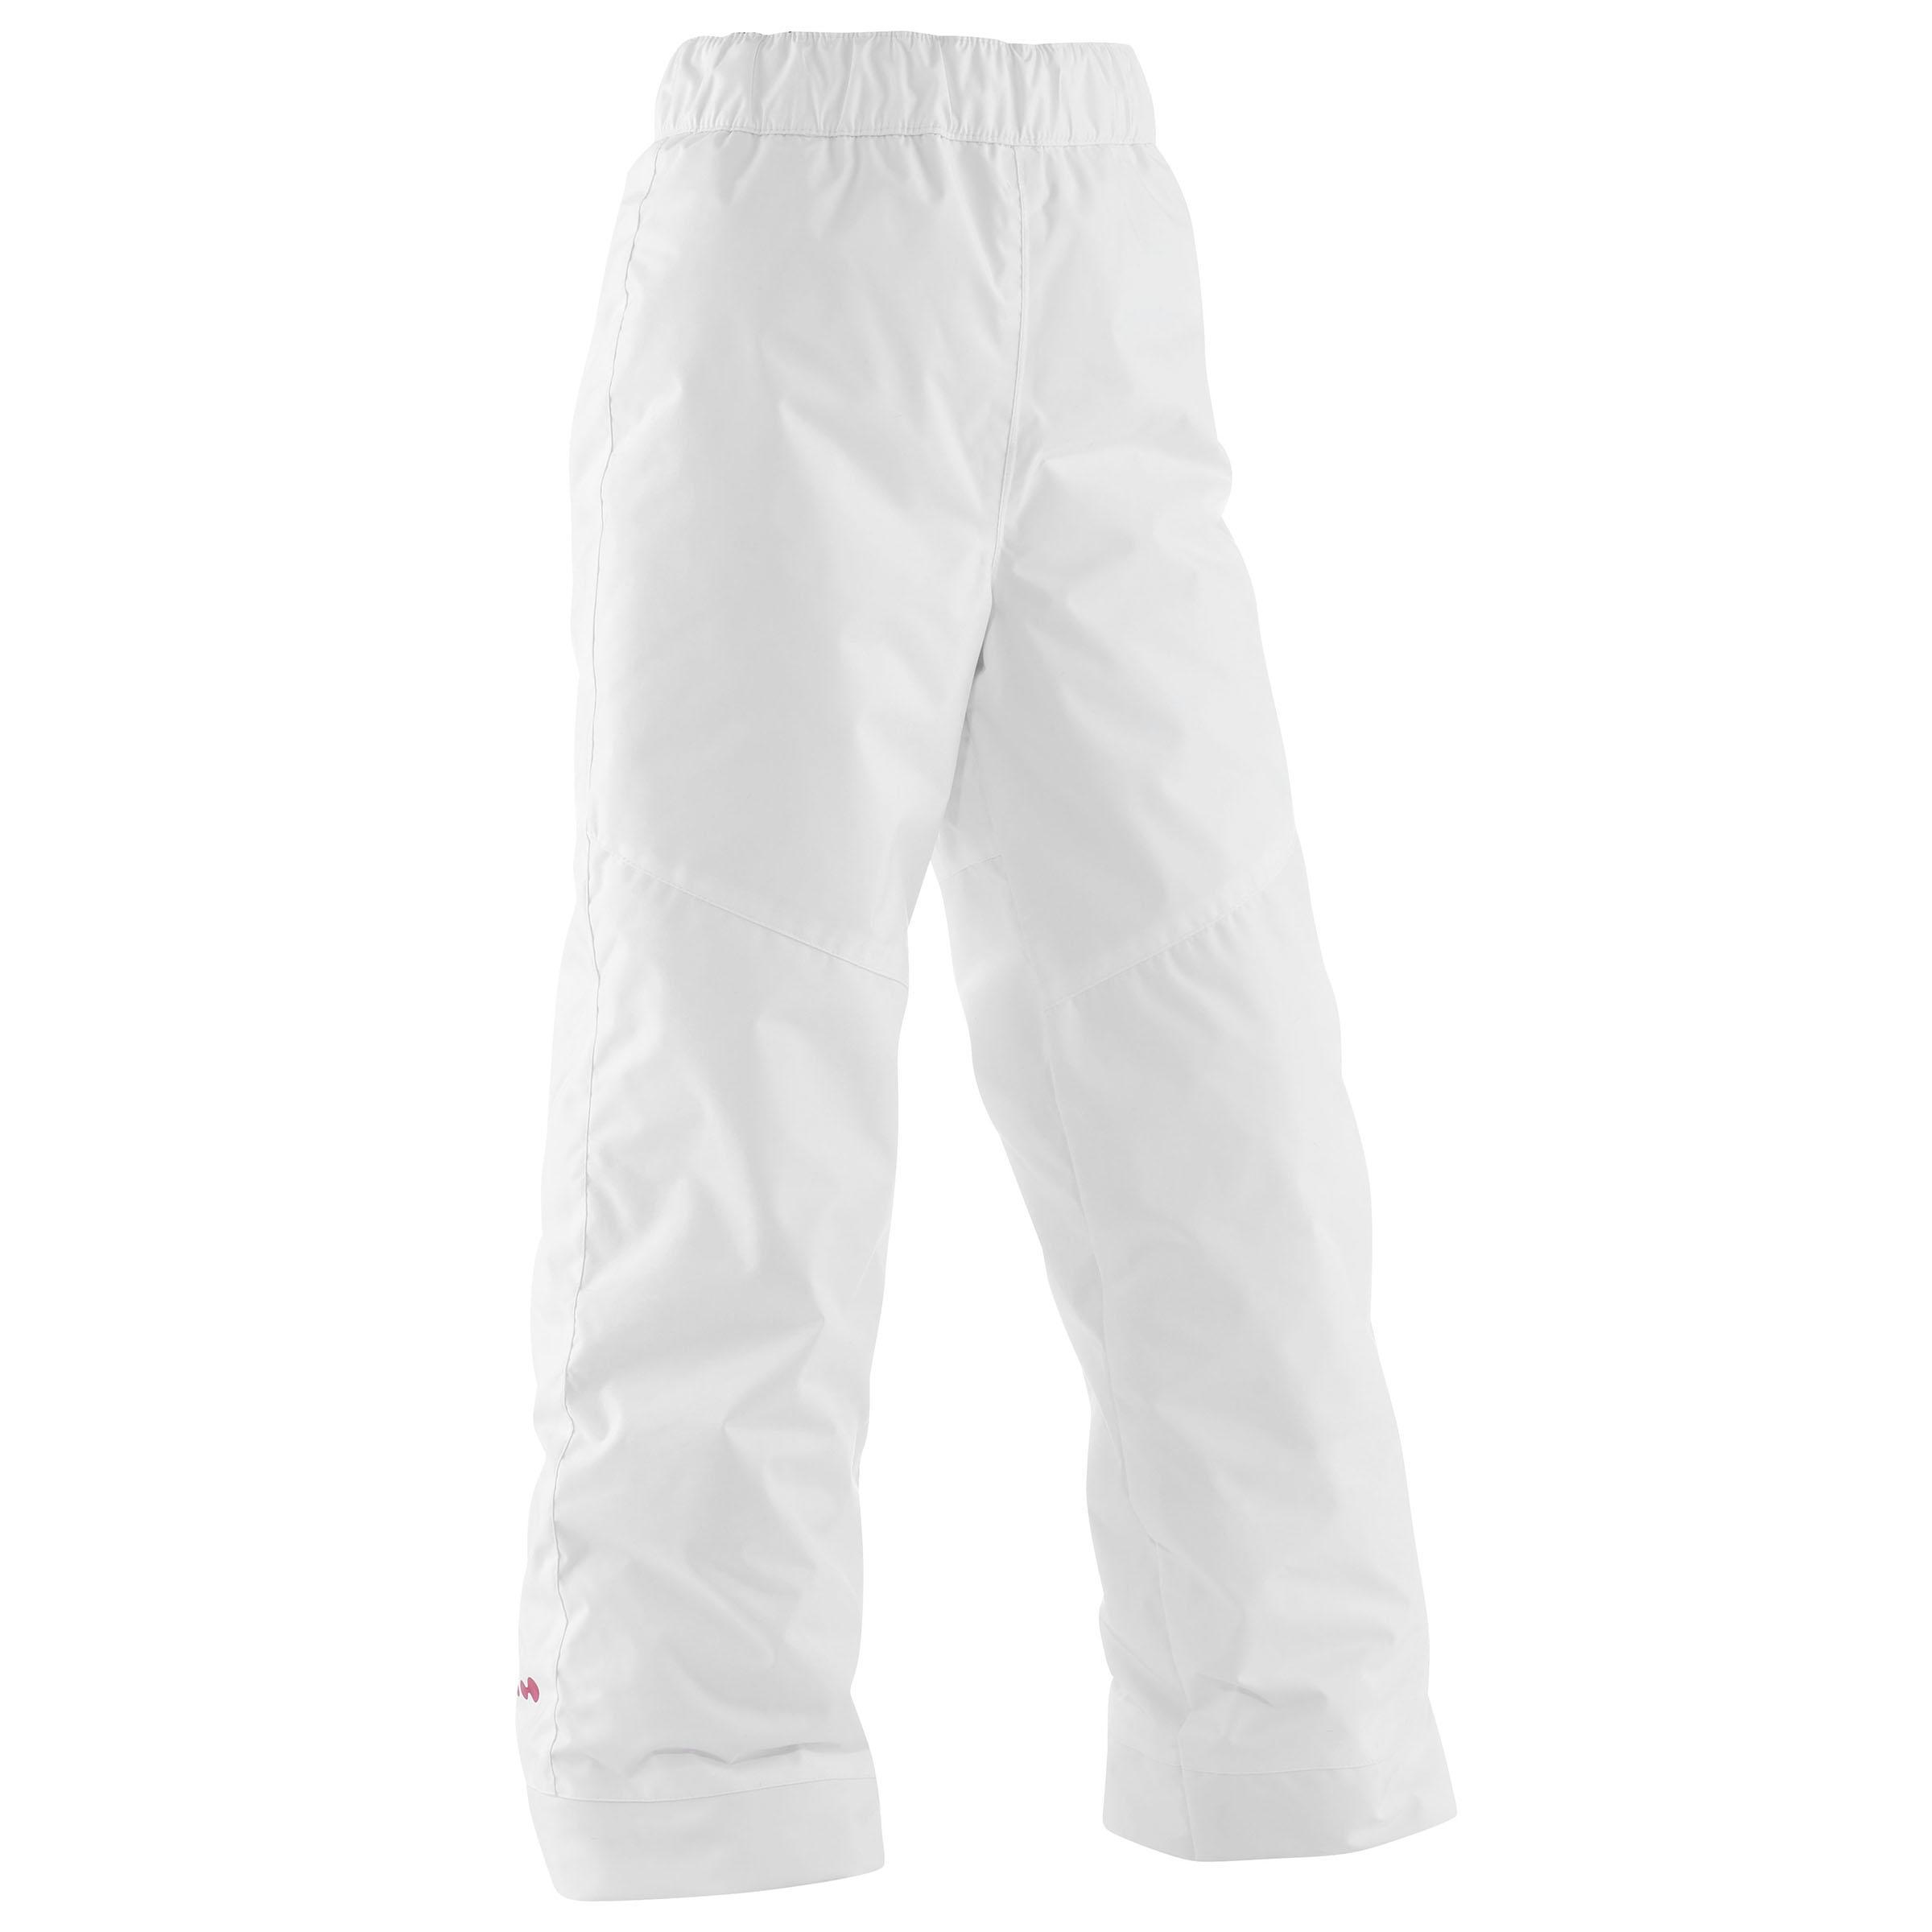 Pantalon Schi 100 Copii la Reducere poza